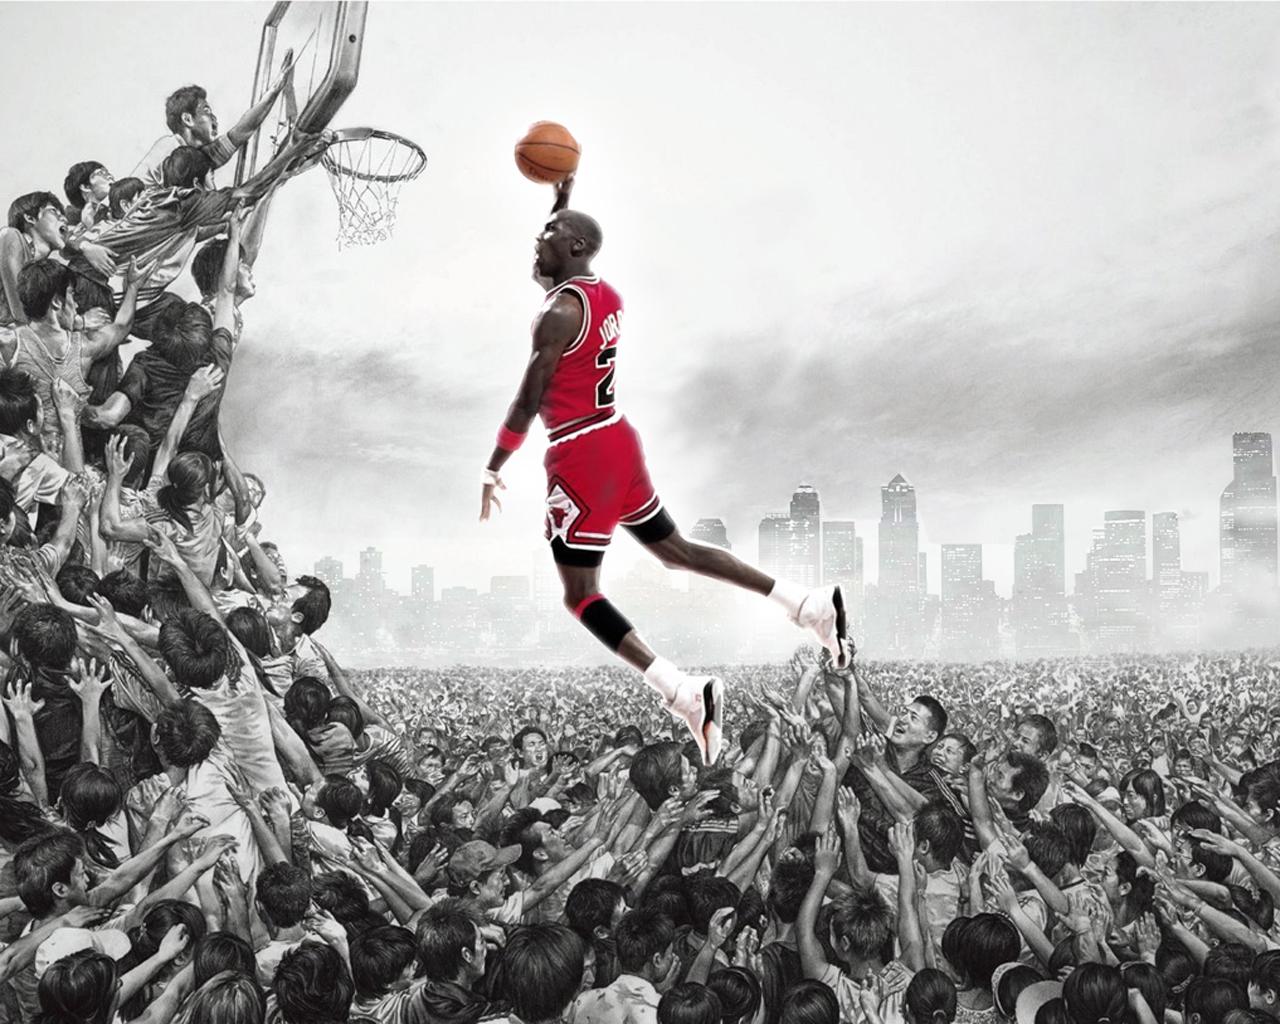 Michael Jordan hd Wallpaper 2011 All About Sports Stars 1280x1024